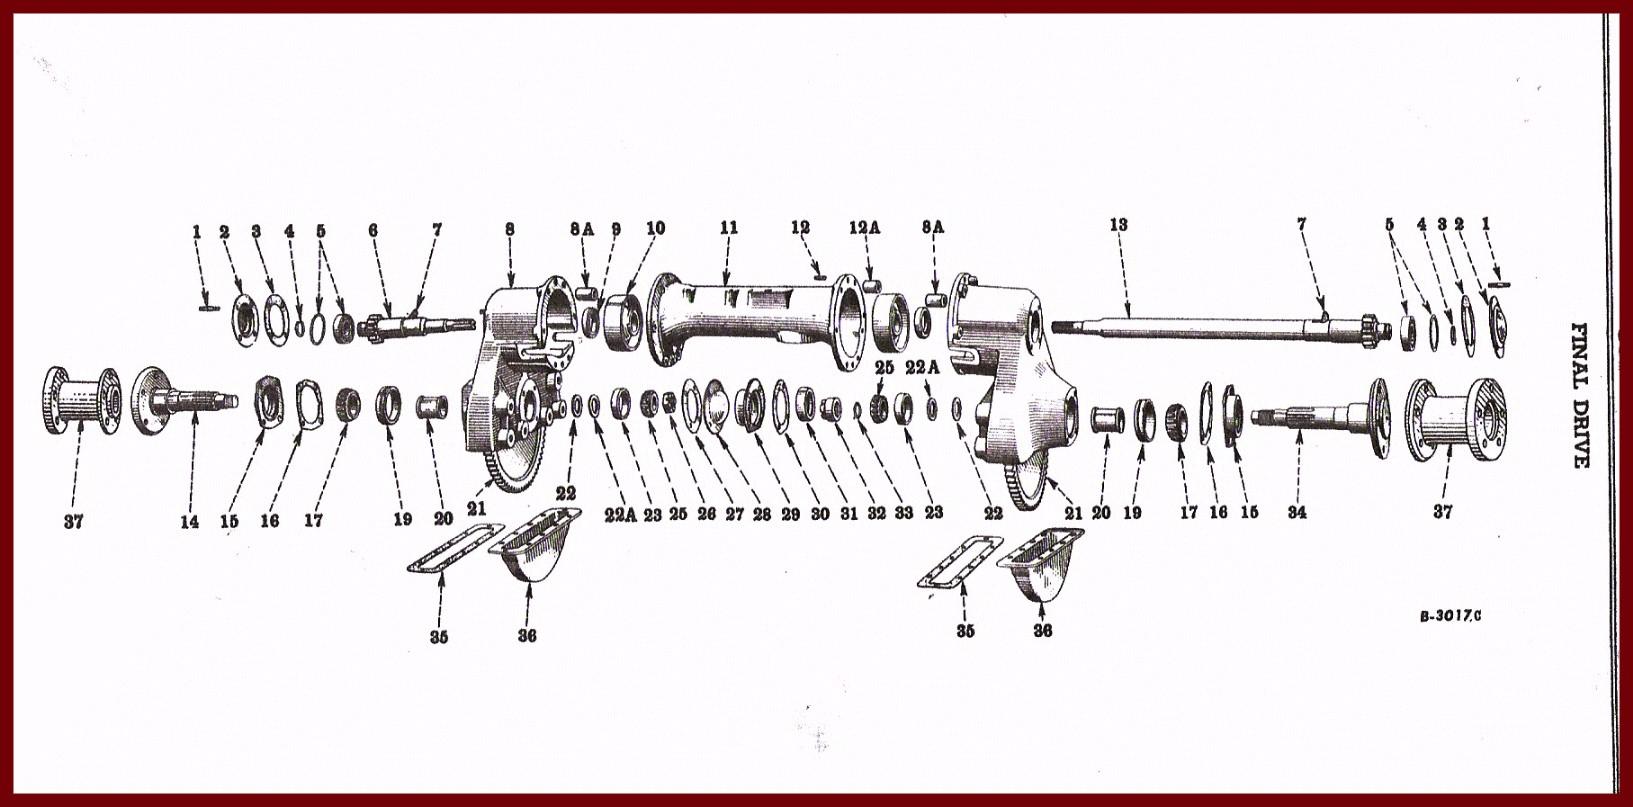 Farmall H Wiring Diagram Conversion